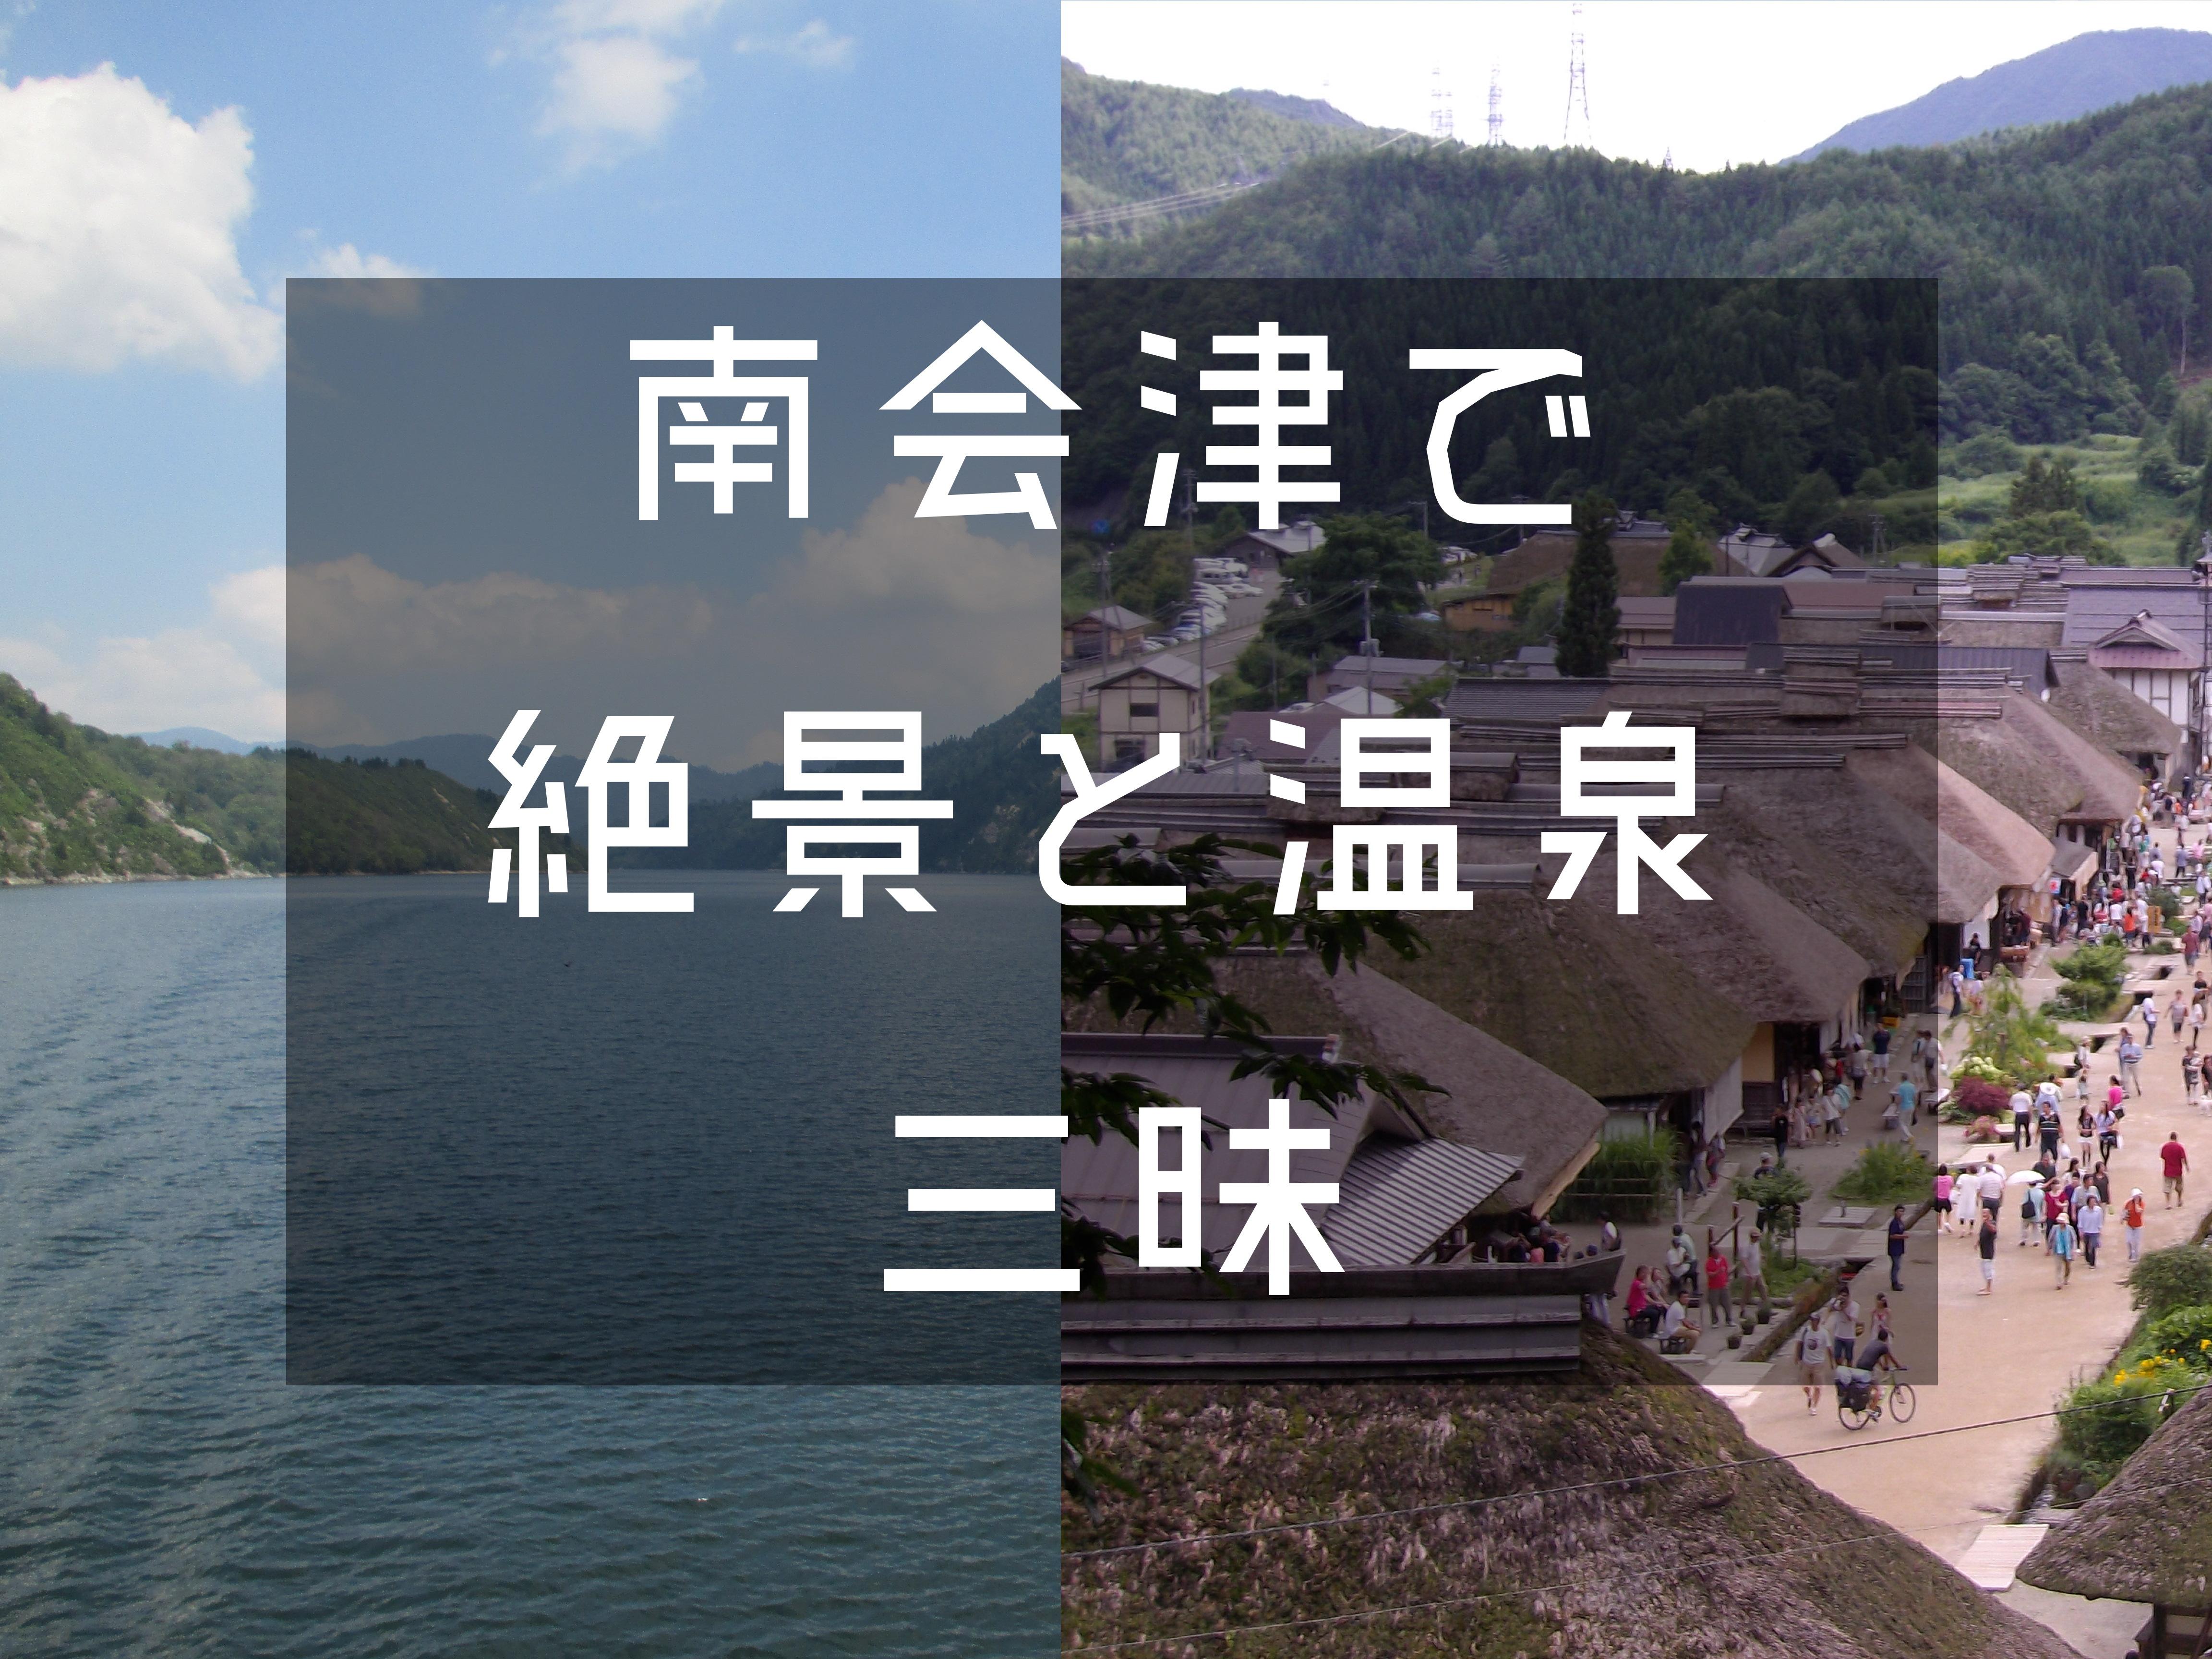 都心からも近い秘境南会津を巡る旅。大自然に歴史に温泉にオススメスポットまとめ。